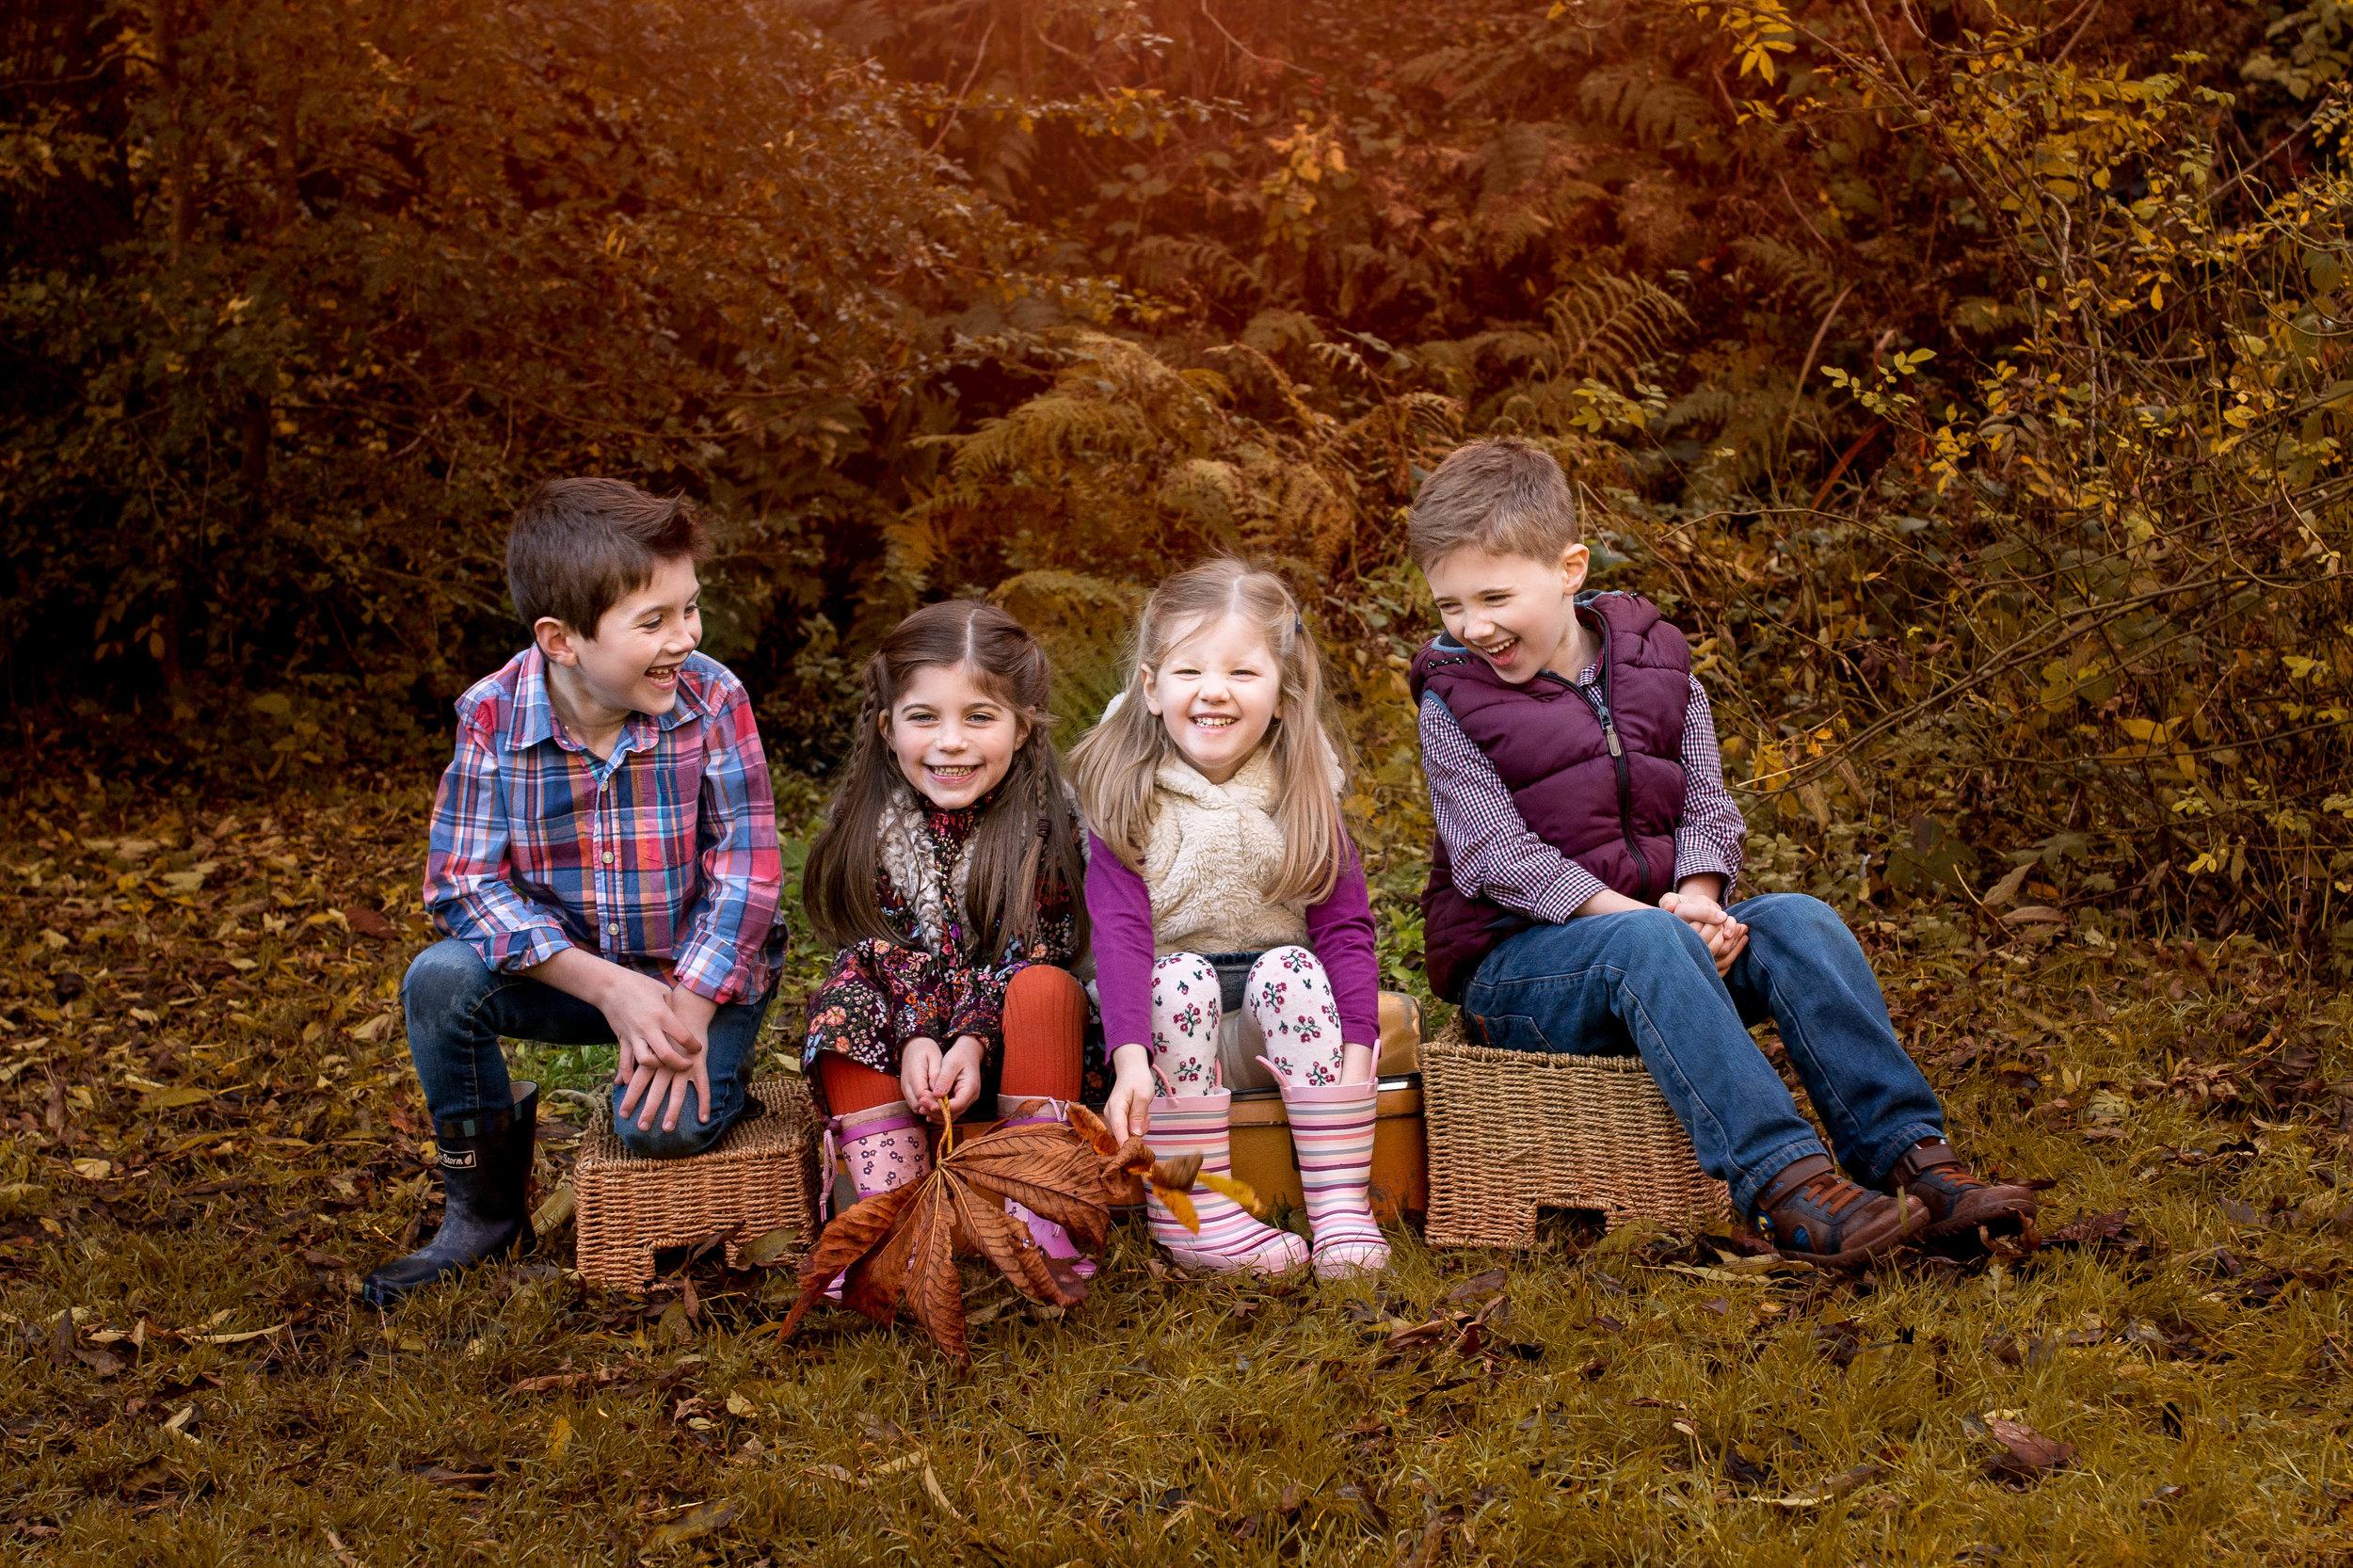 children's - photography - glasgow - kids joking around